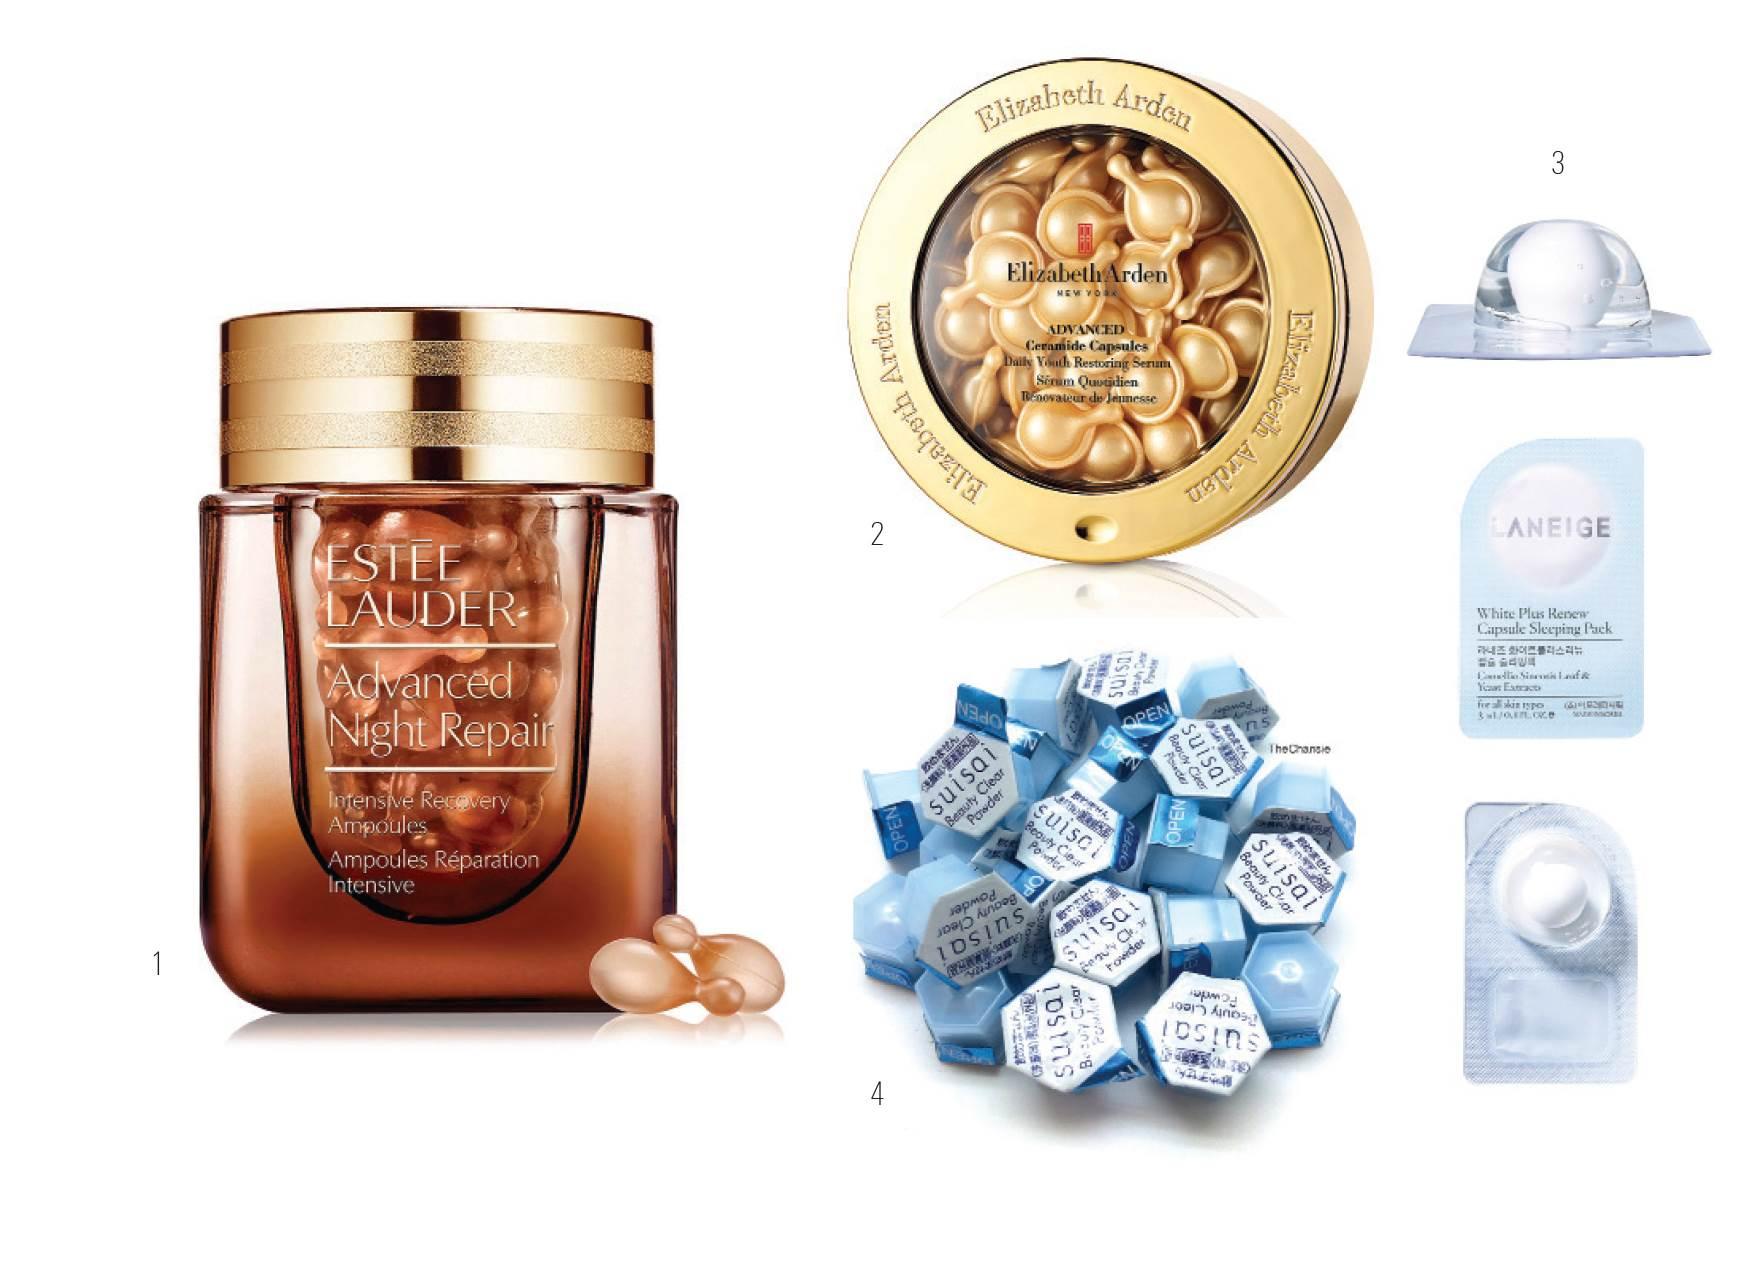 capsules-my-pham-dang-vien-nen-1